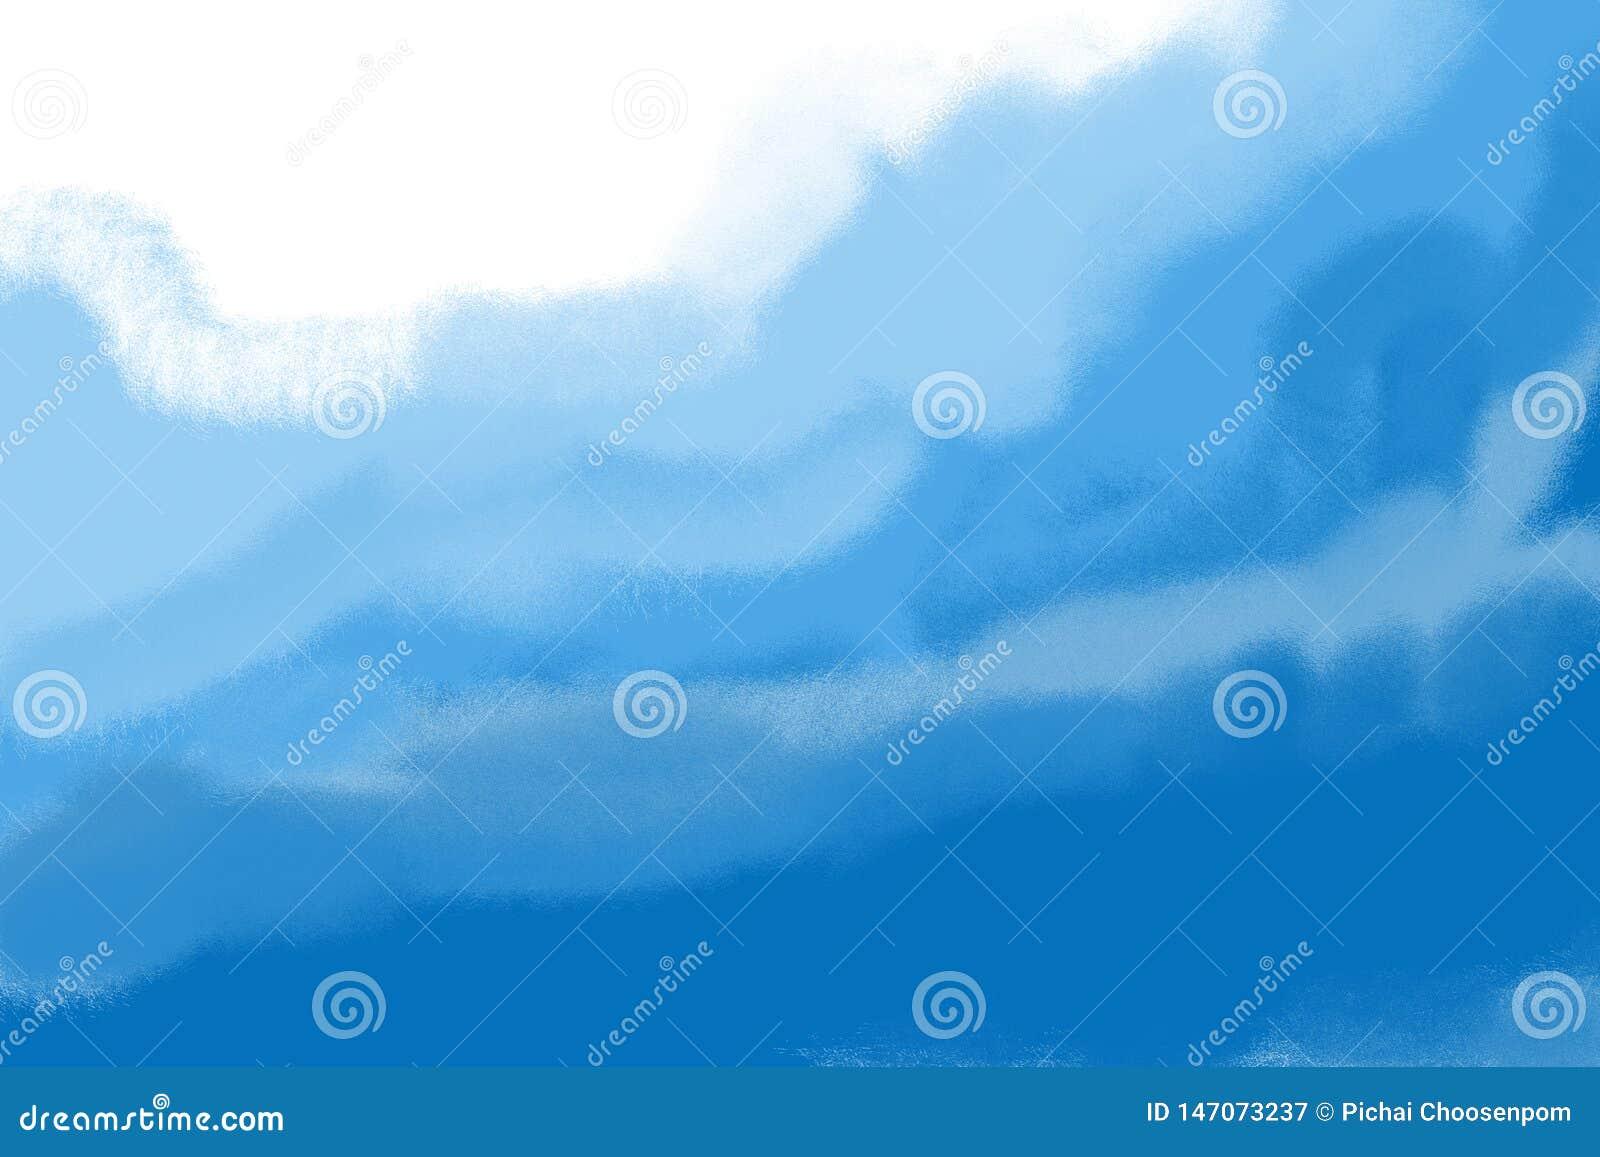 Fondo azul claro del ejemplo de la onda del mar